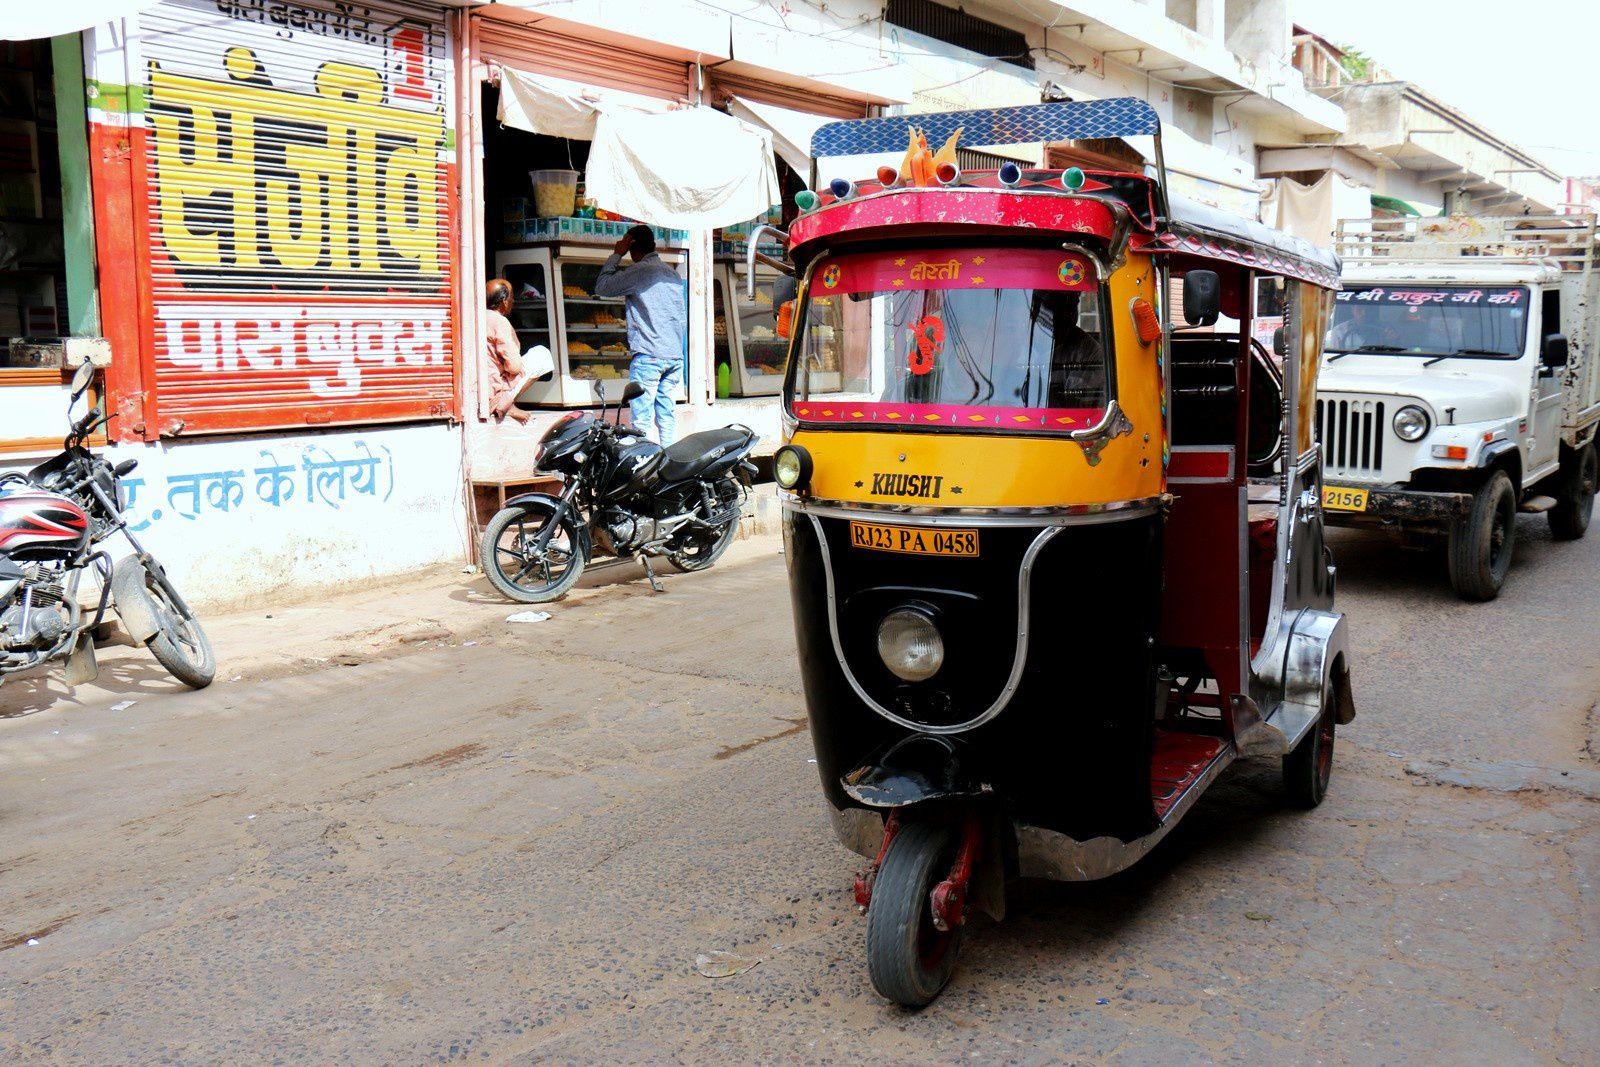 Dans les rues de Fatehpur (Rajasthan, Inde)